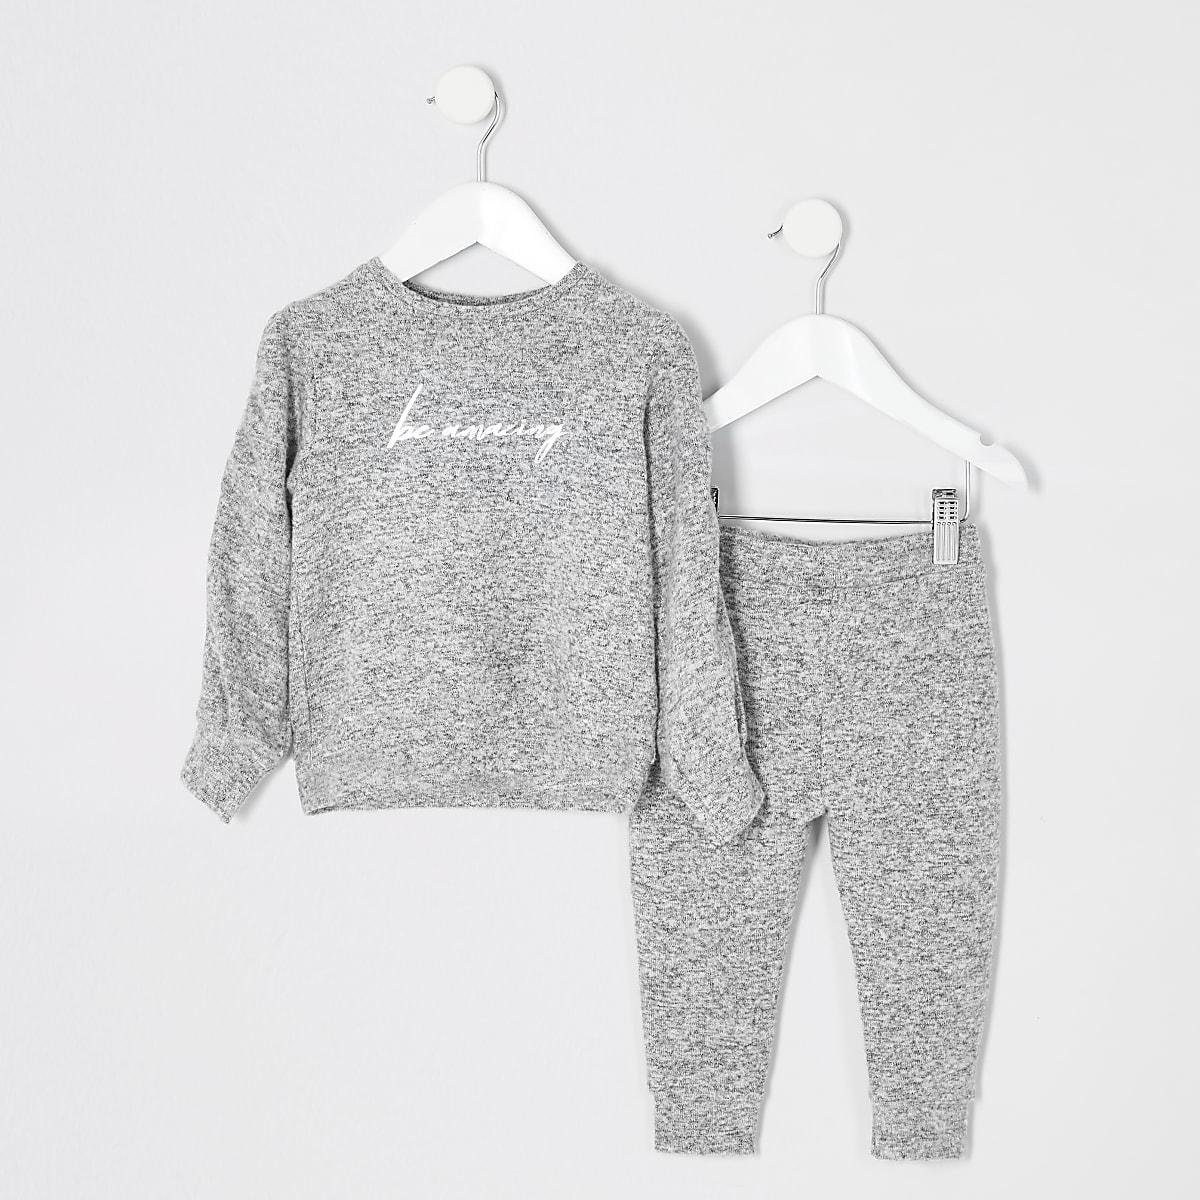 Mini - Grijs knus outfit met 'be amazing'-tekst voor meisjes